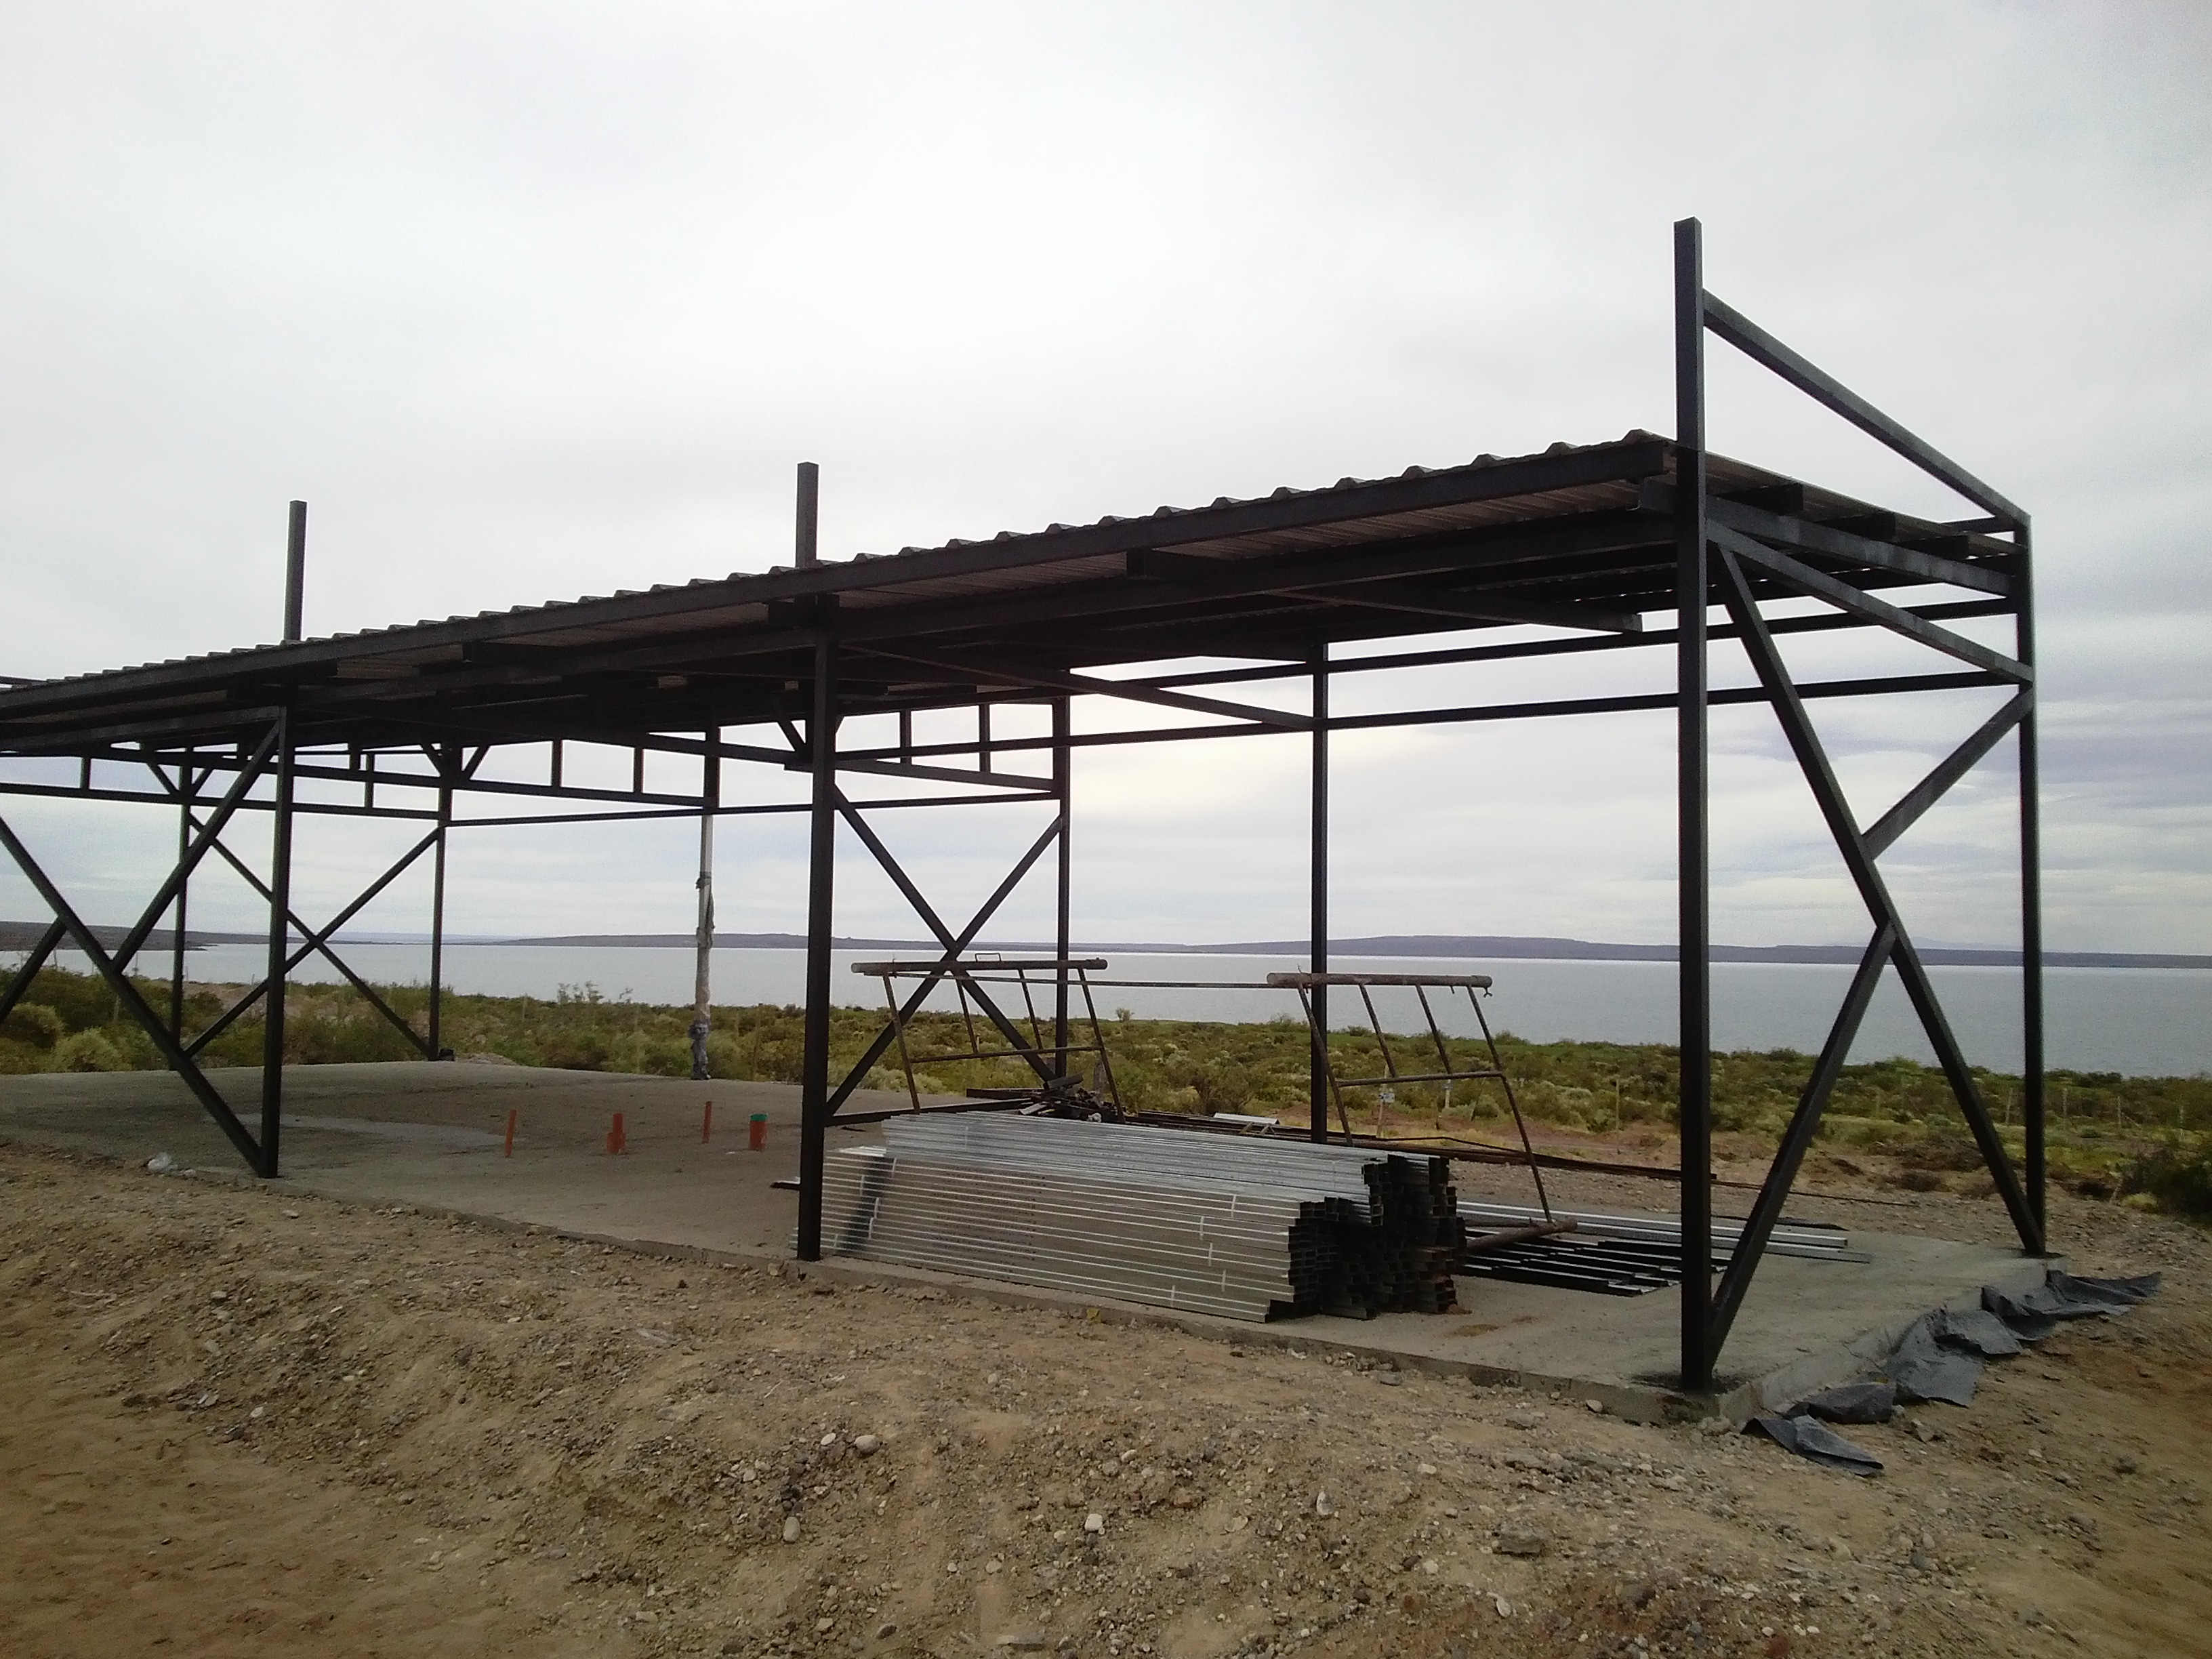 Estructuras metalicas para viviendas resultado de imagen for Estructuras de hierro para casas